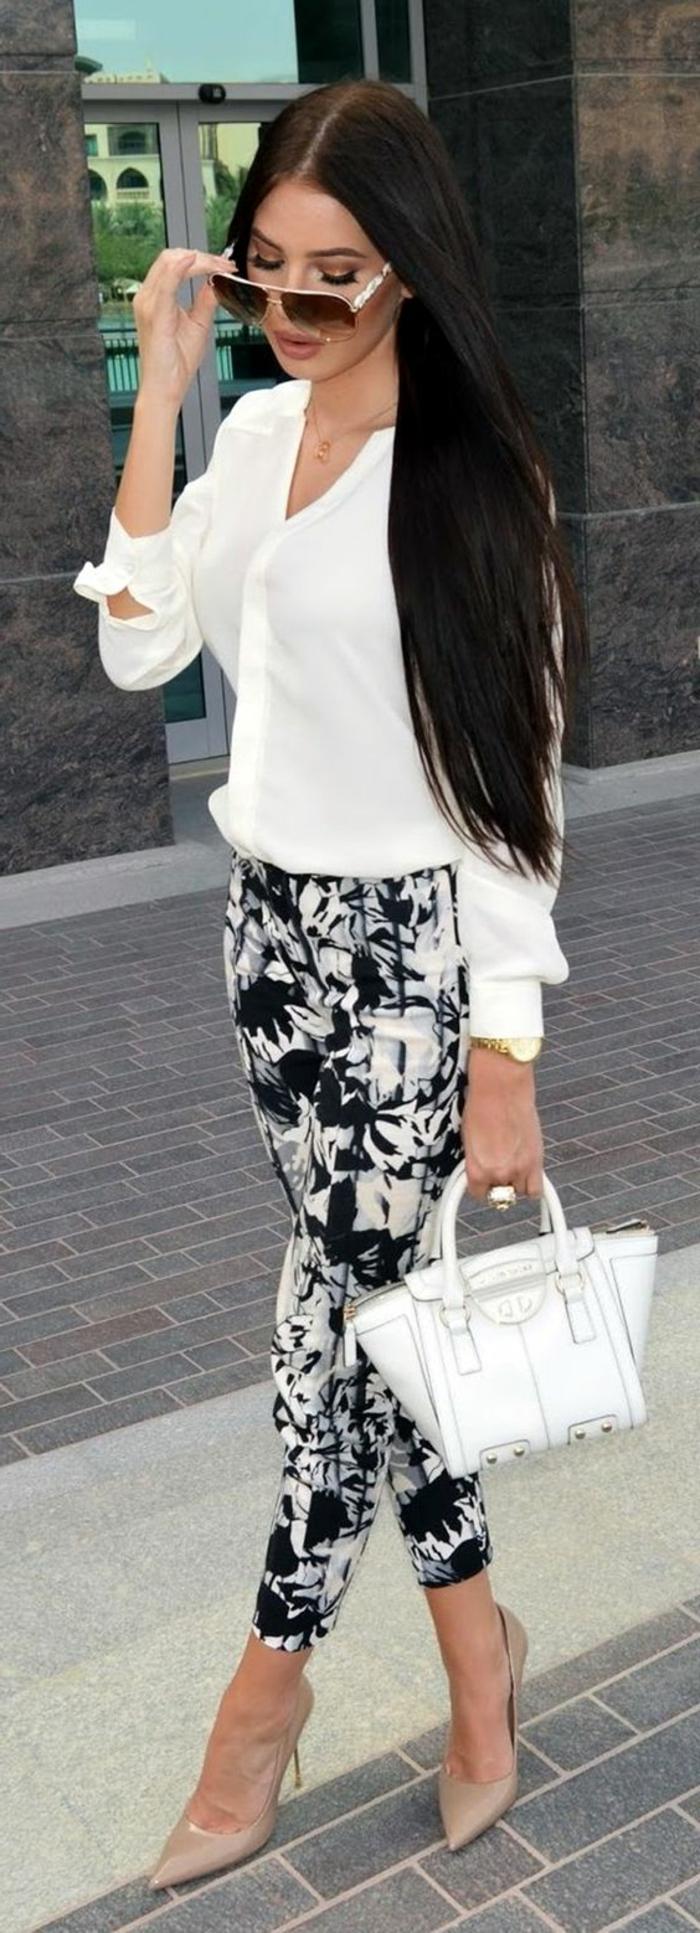 tenue chic et choc en noir et blanc avec mini sac blanc